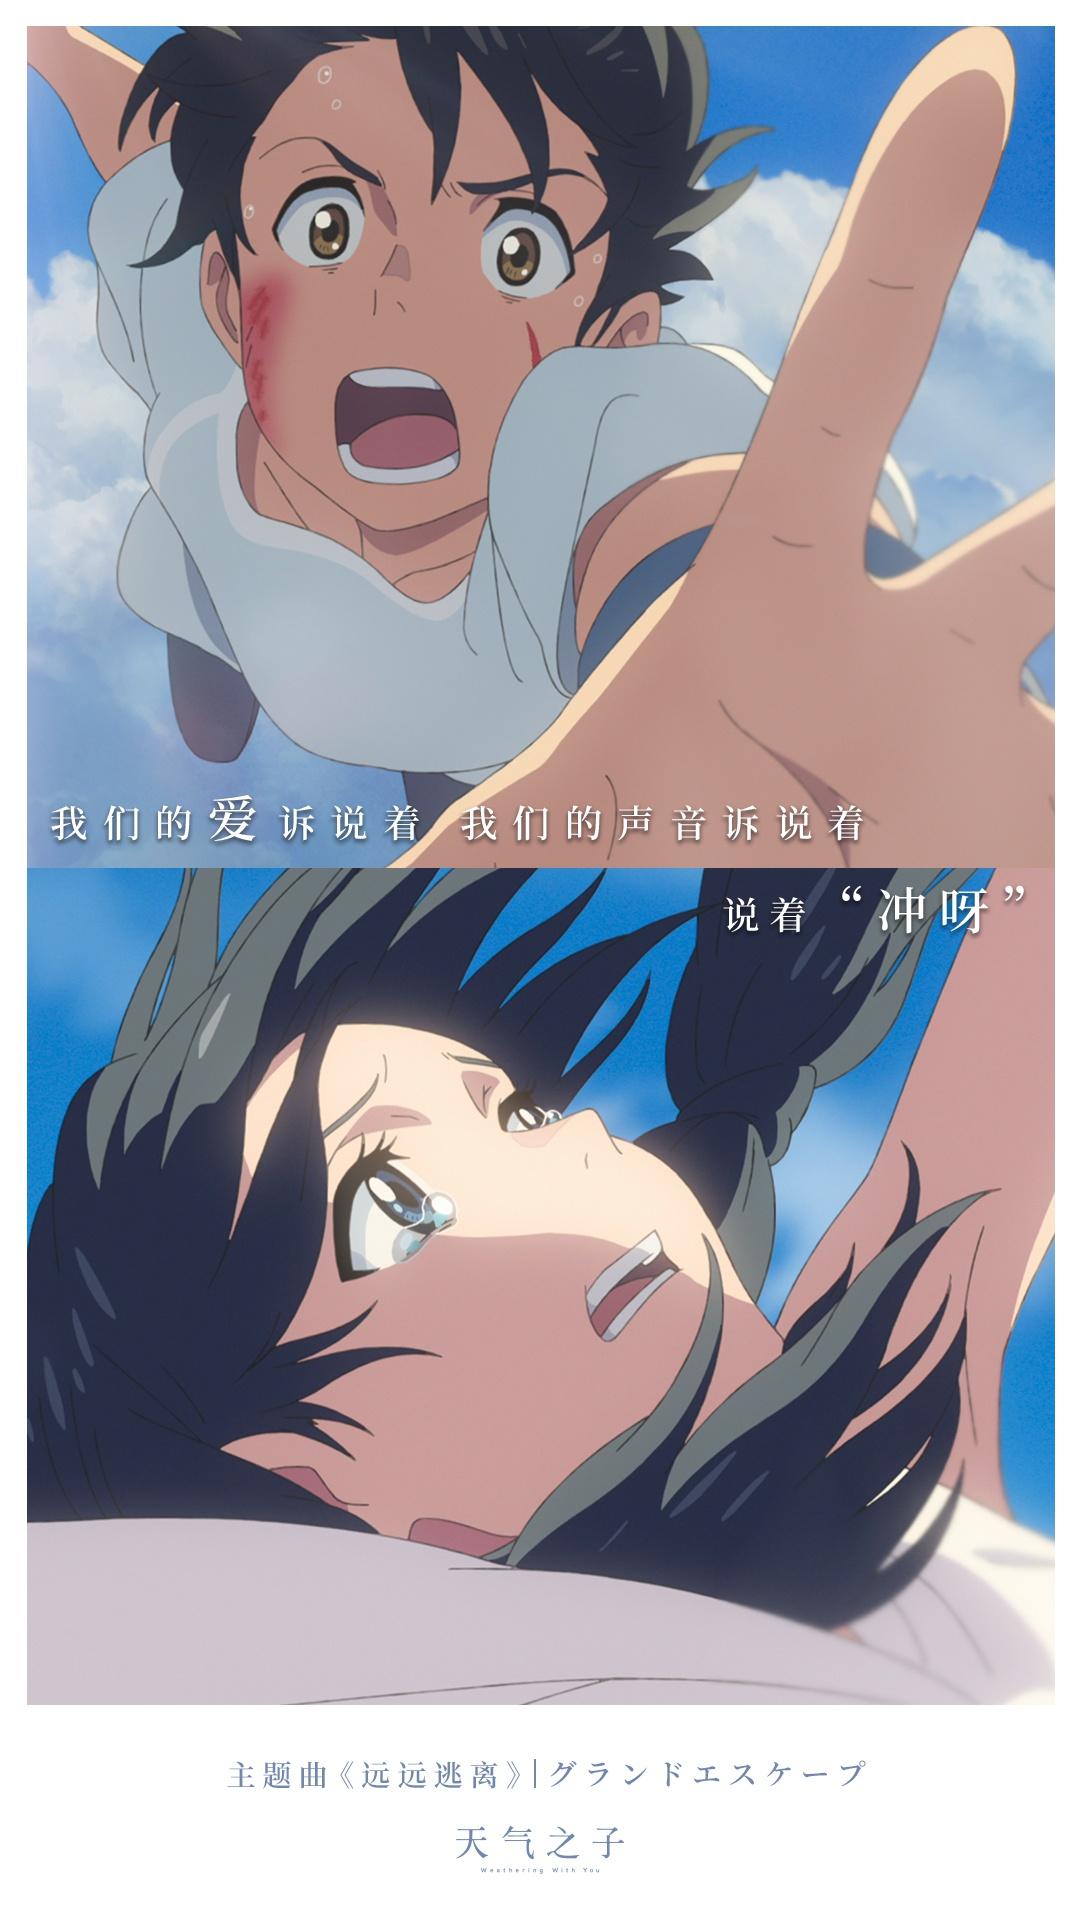 电影《天气之子》票房破2.6亿 跻身2019年度日本引进电影票房第二